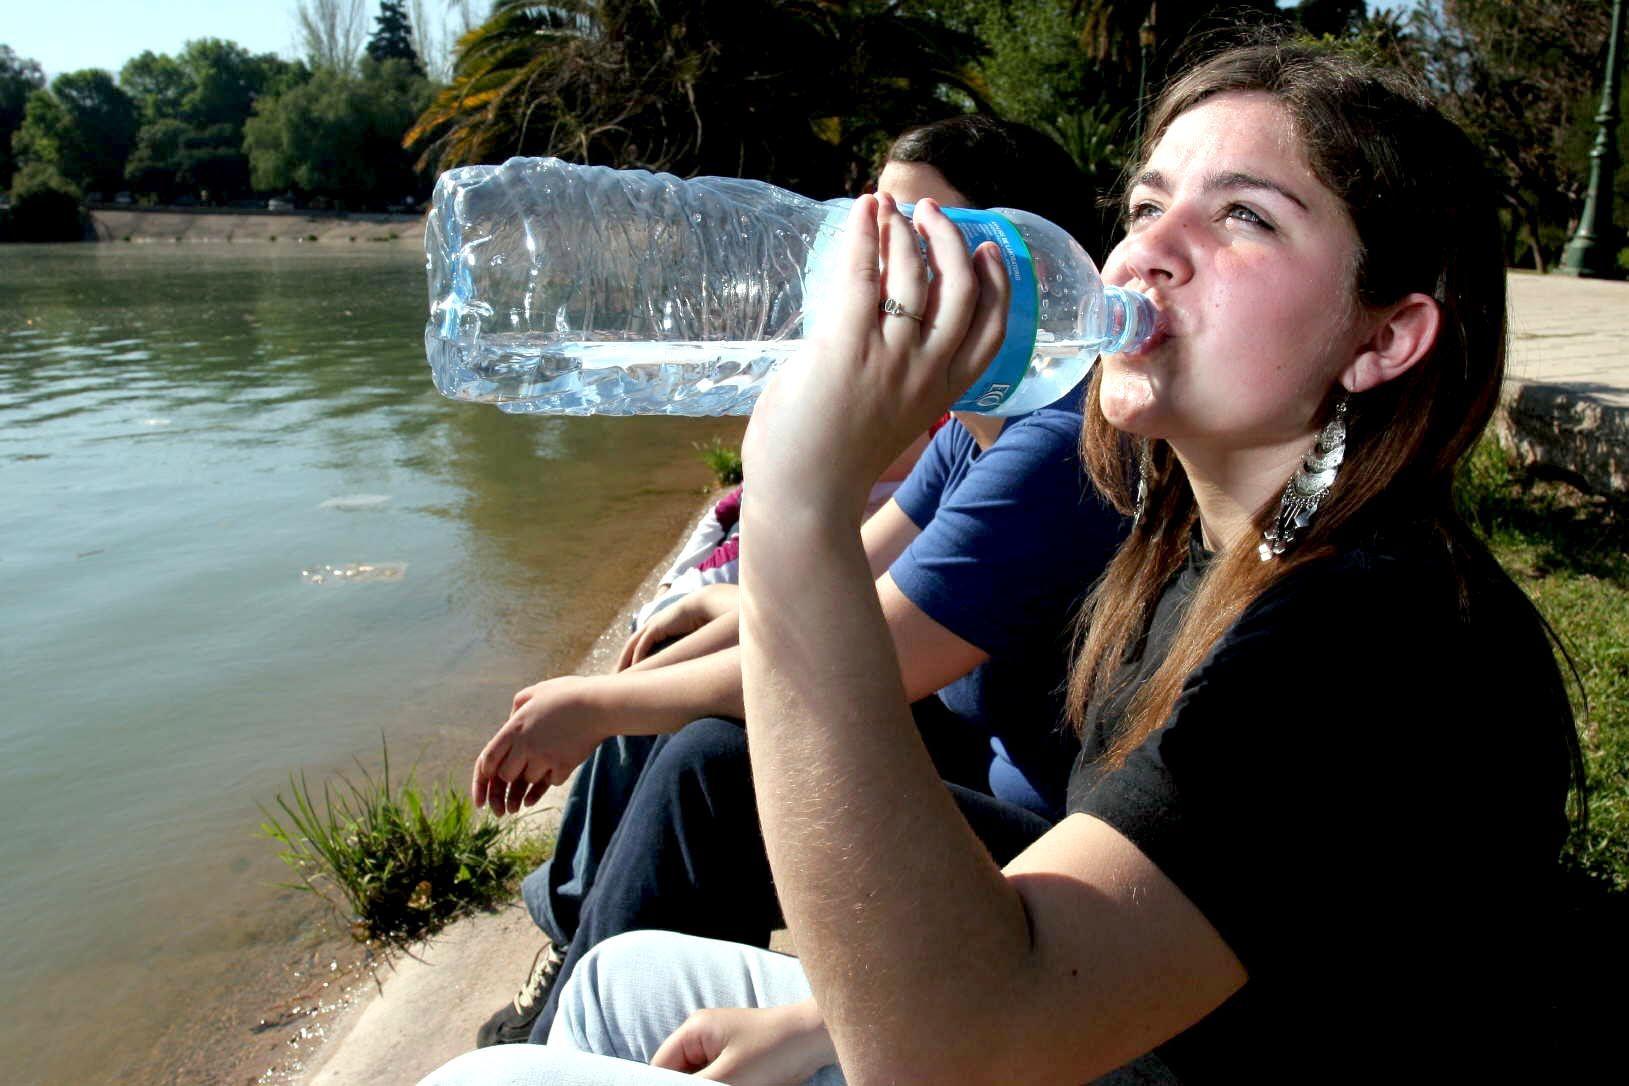 Señales del cuerpo de que estamos bebiendo poca agua